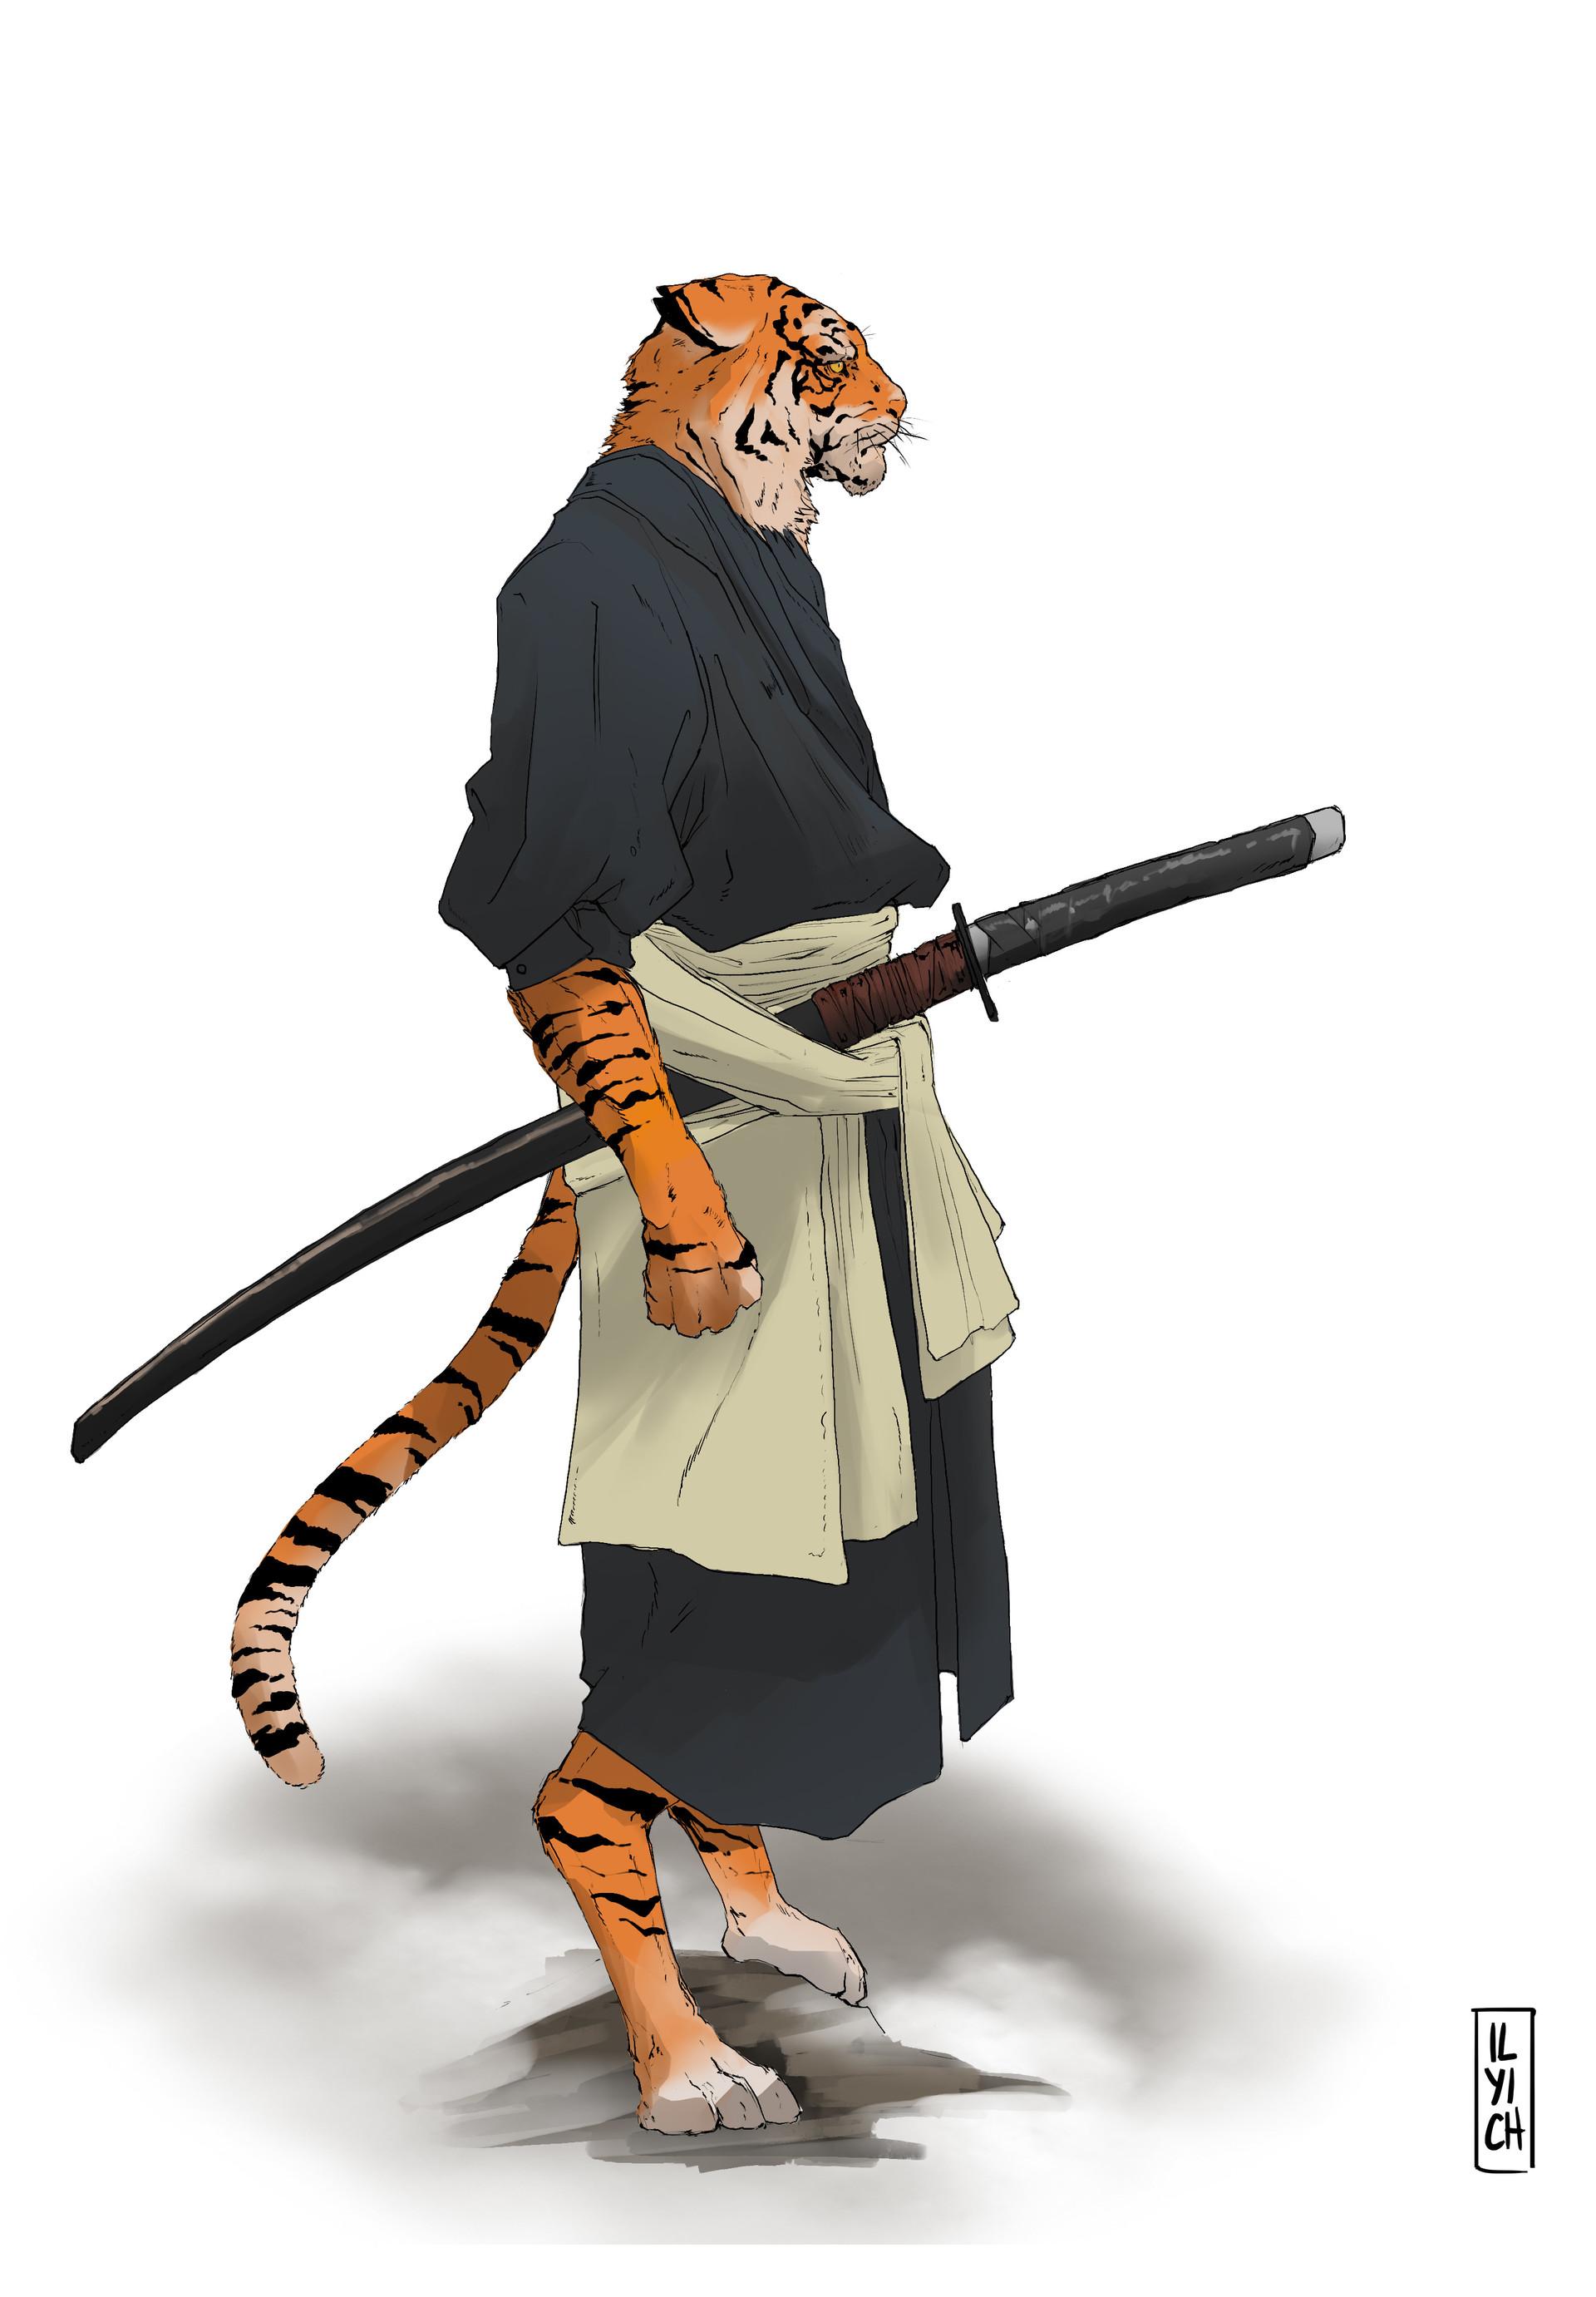 Pablo ilyich tigre samurai 2